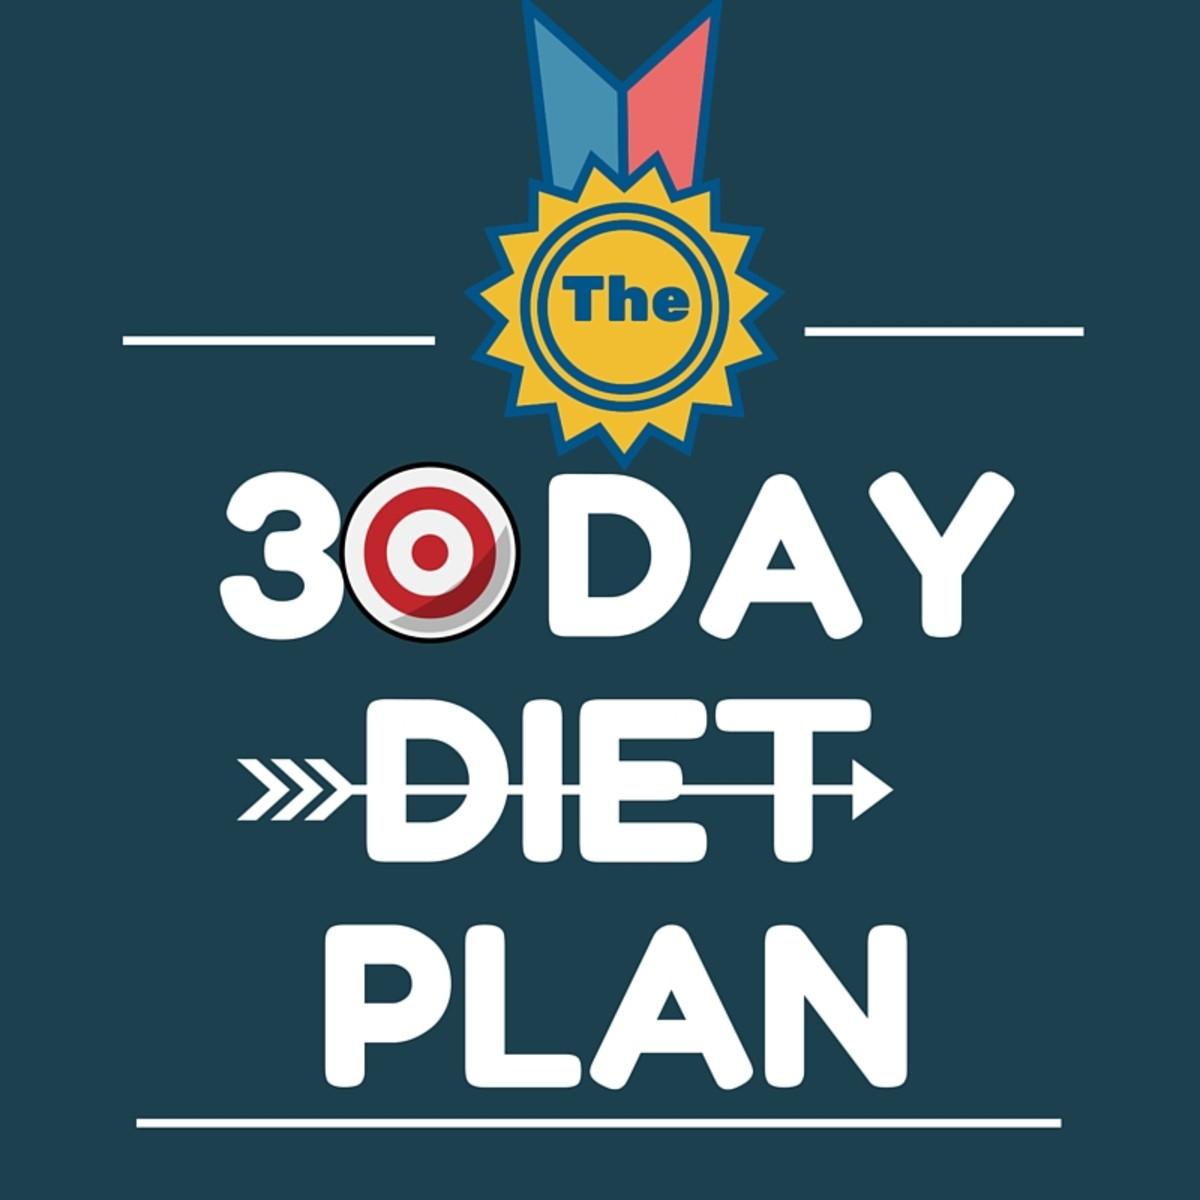 Healthy Diet Plan - 30 Day Diet Plan - Day 1-10